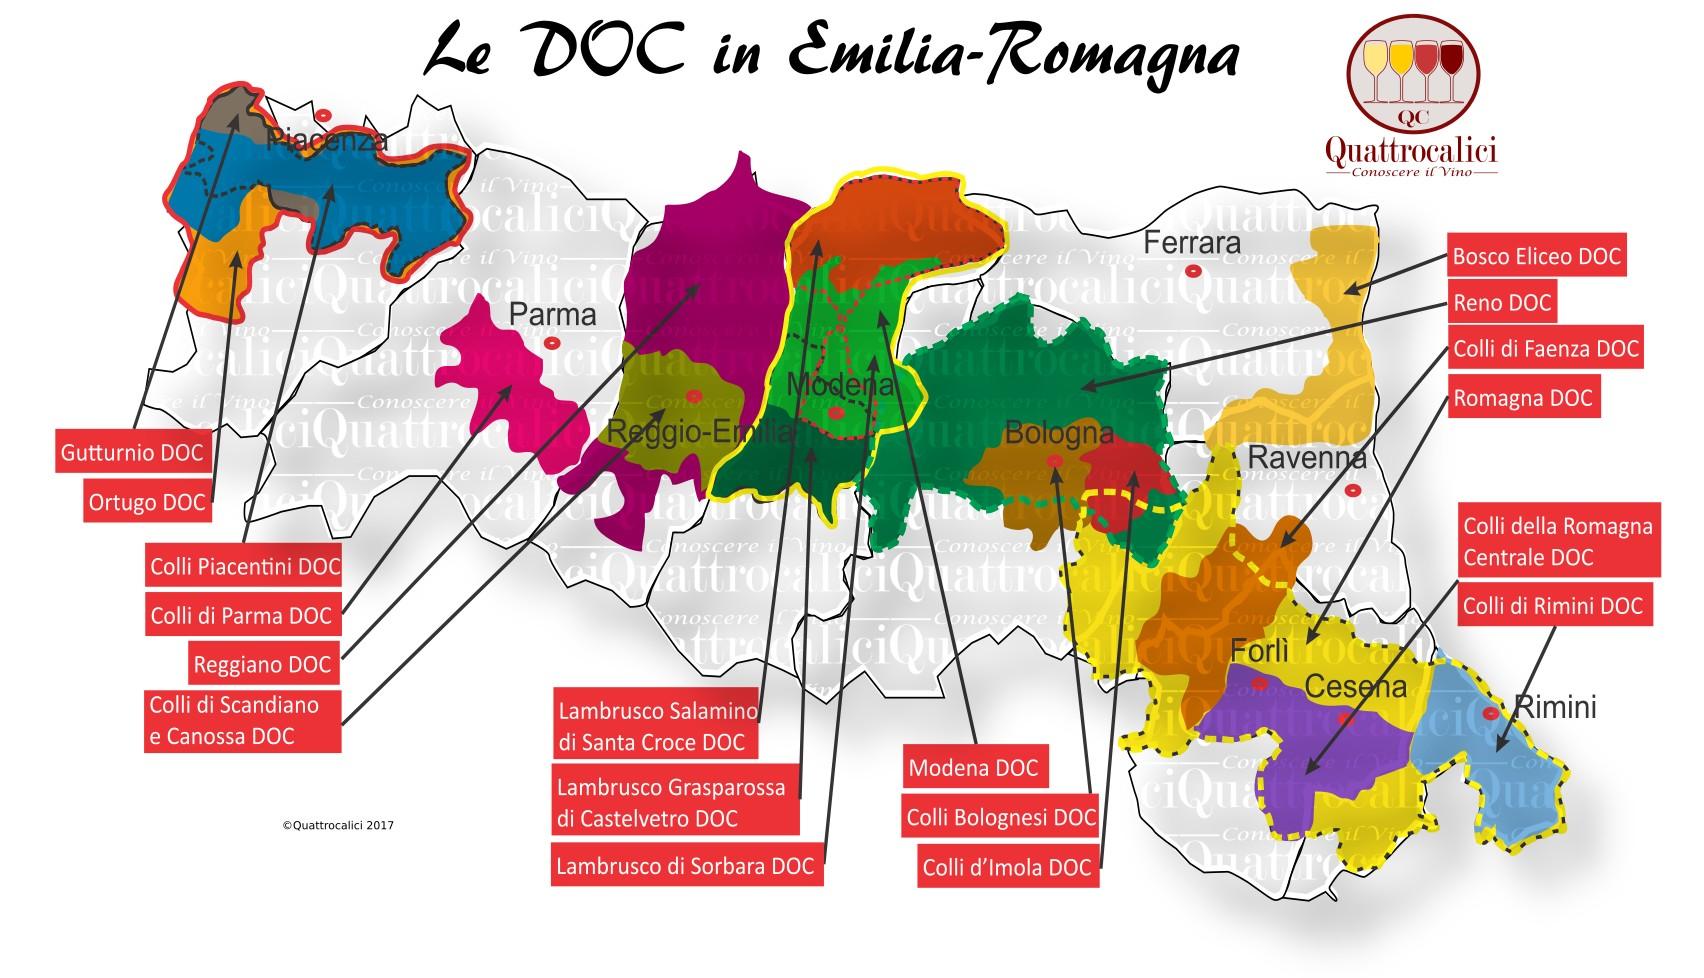 Mappa Denominazioni DOC Le Denominazioni di Origine in Emilia-Romagna